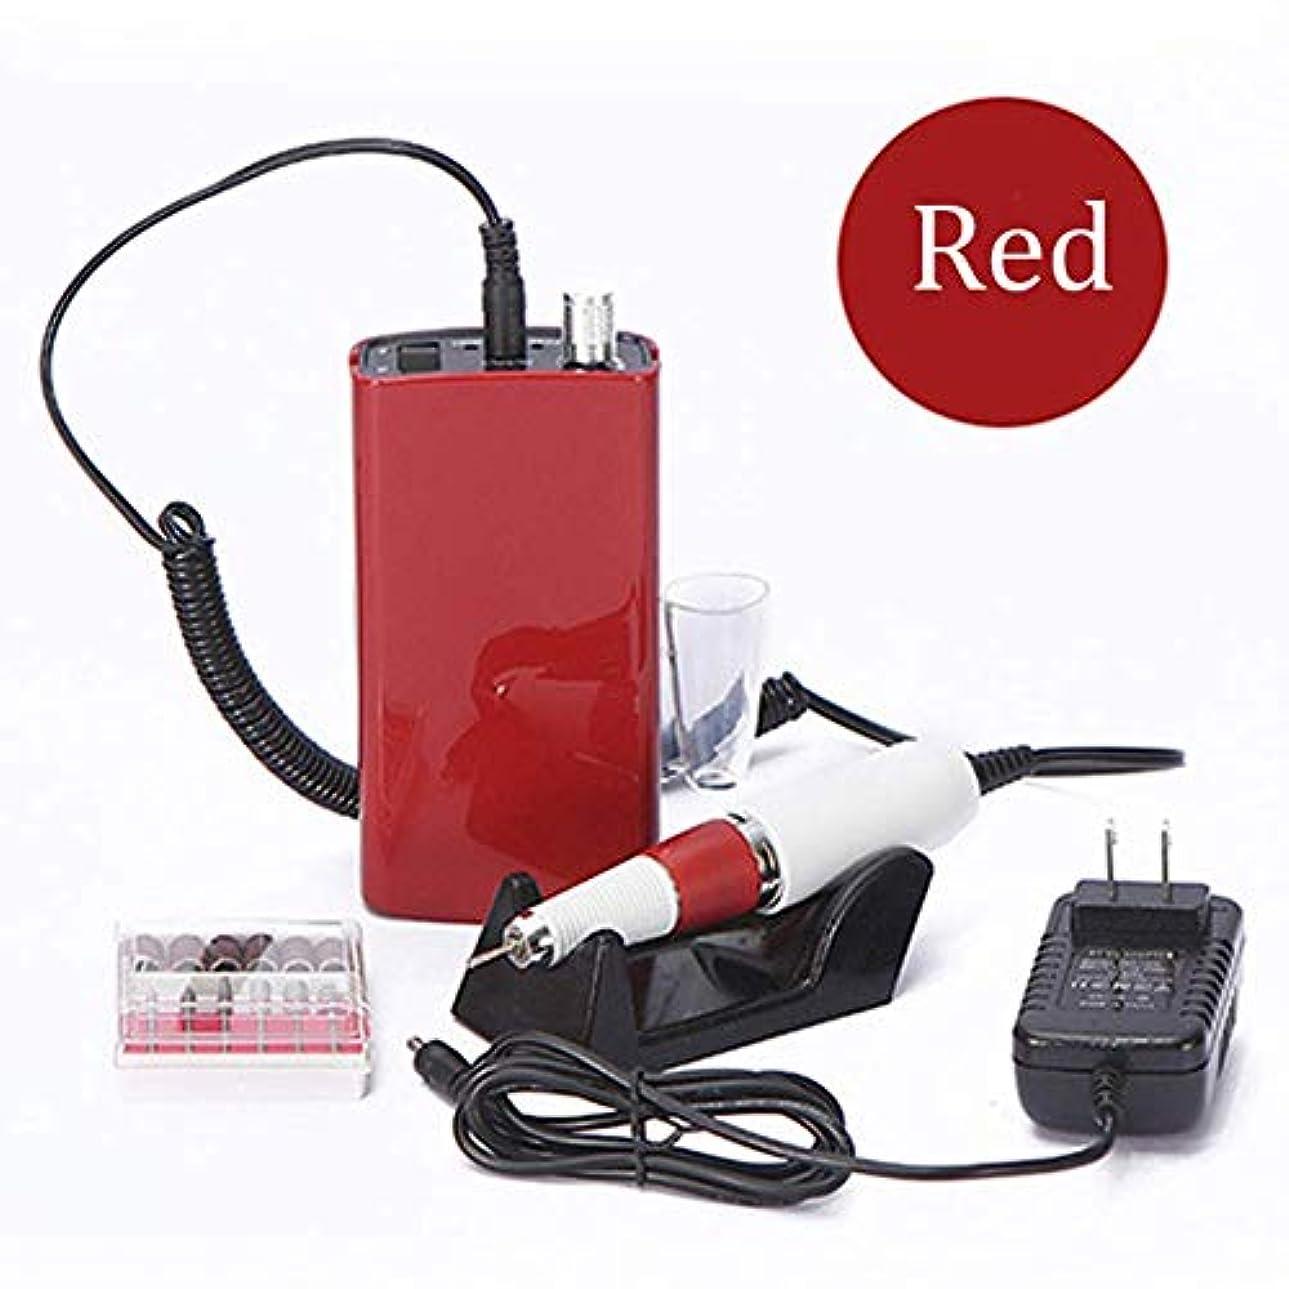 悪夢検出する真実充電式18W 30000 rpm電動ネイルドリルマシンアクリルネイルファイルドリルマニキュアペディキュアキットセットネイルアート機器、ピンク,赤